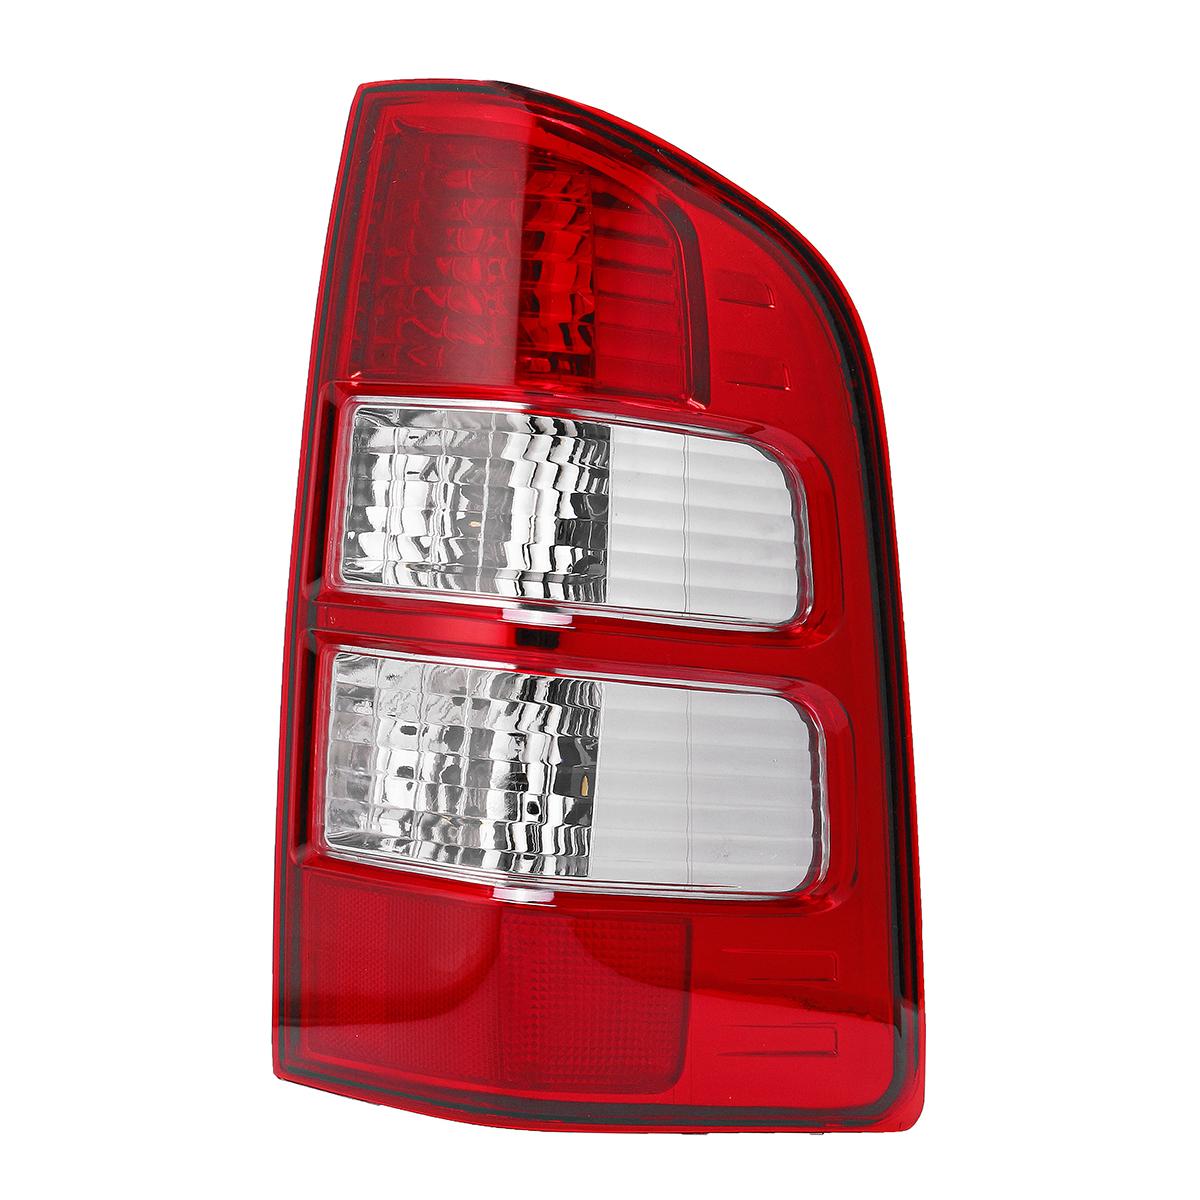 Rear Tail Light Lamps For Ford Ranger Thunder Pickup Ute 2008-2011 Left+Right